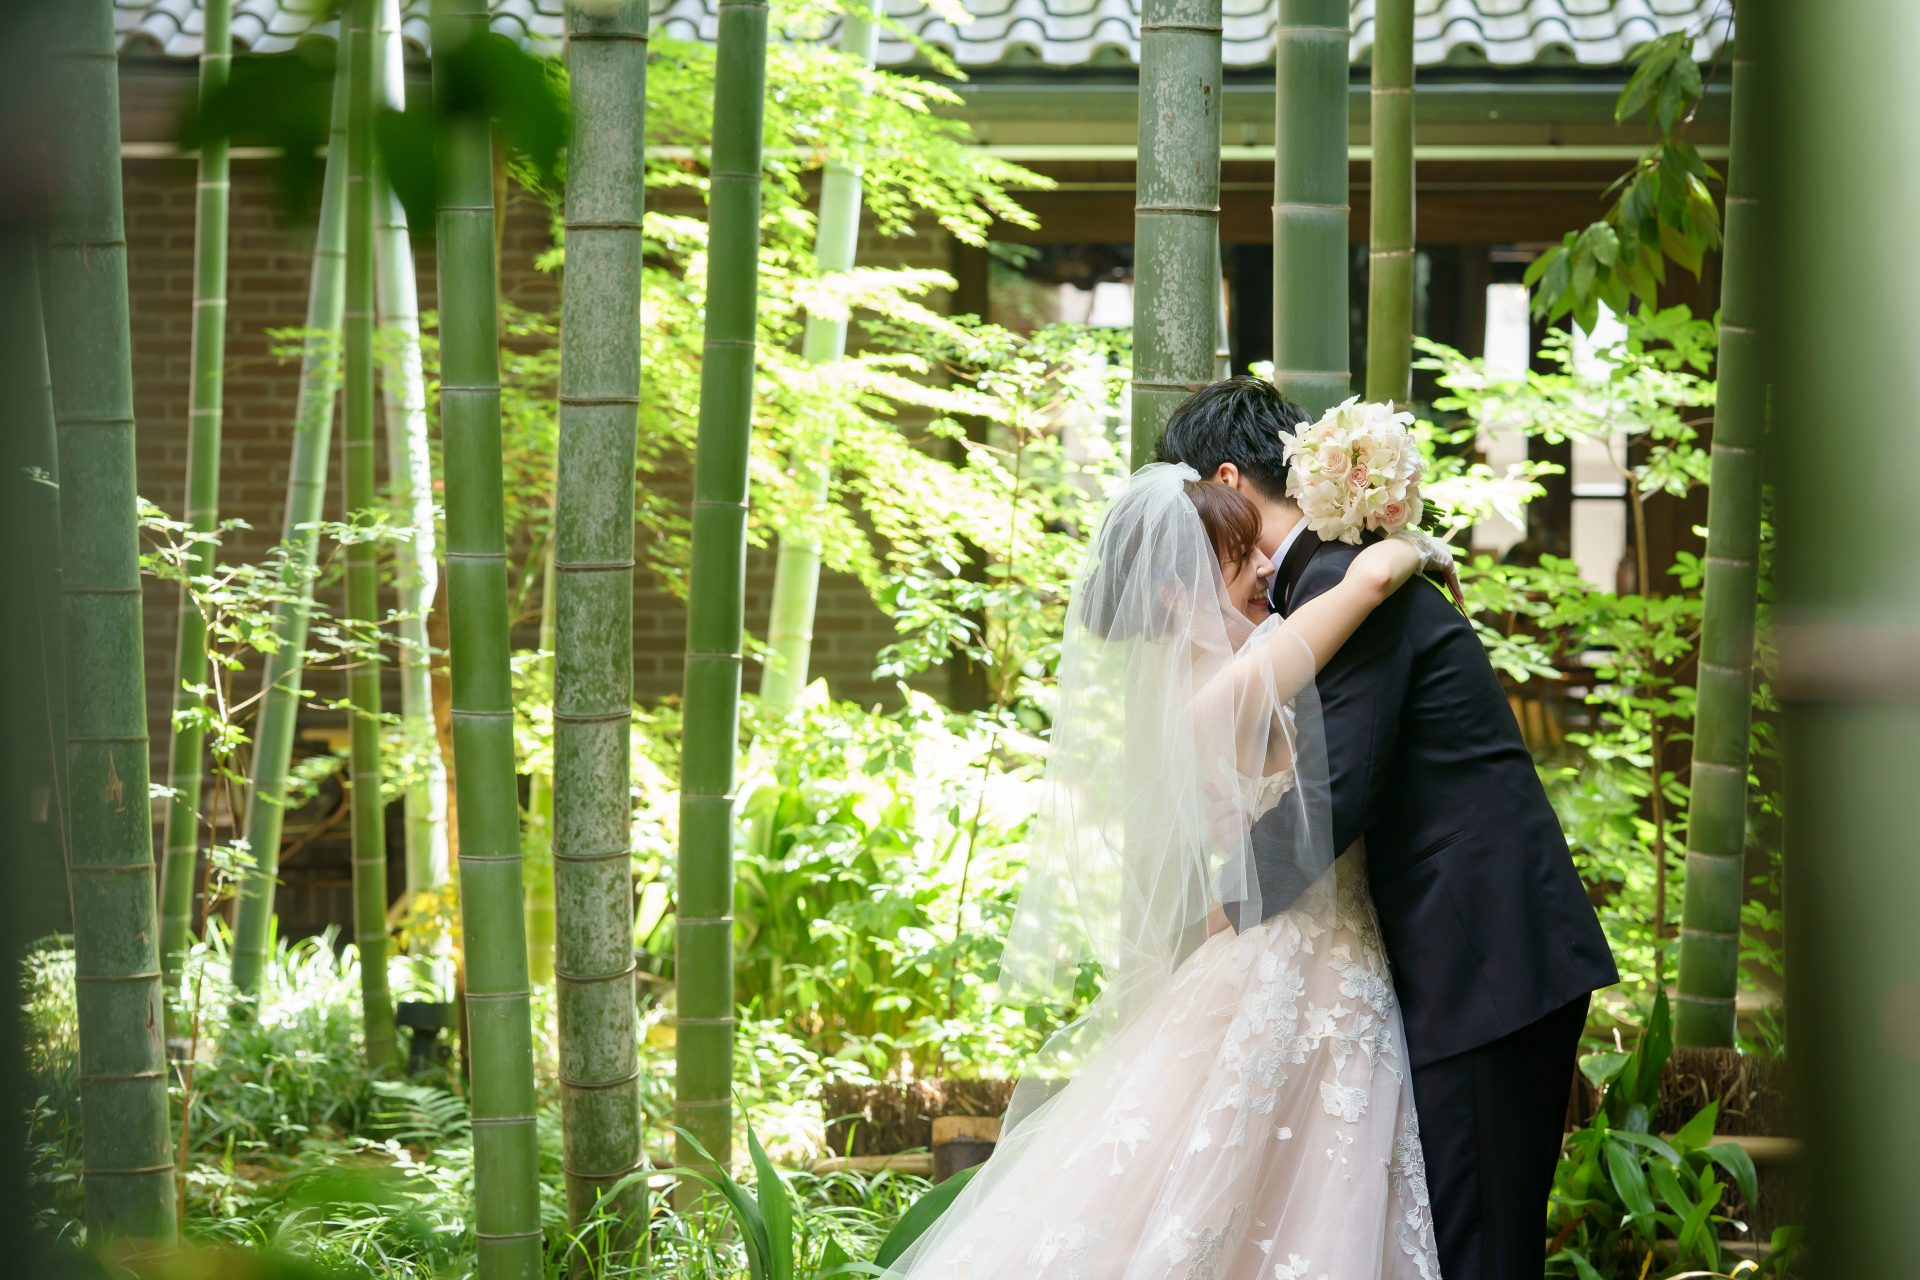 フォーチュンガーデン京都の竹林の前でボリュームあるAラインの大柄のレースが華やかなウエディングドレスをお召しになられた新婦様とブラックのタキシードをお召しになられた新郎様